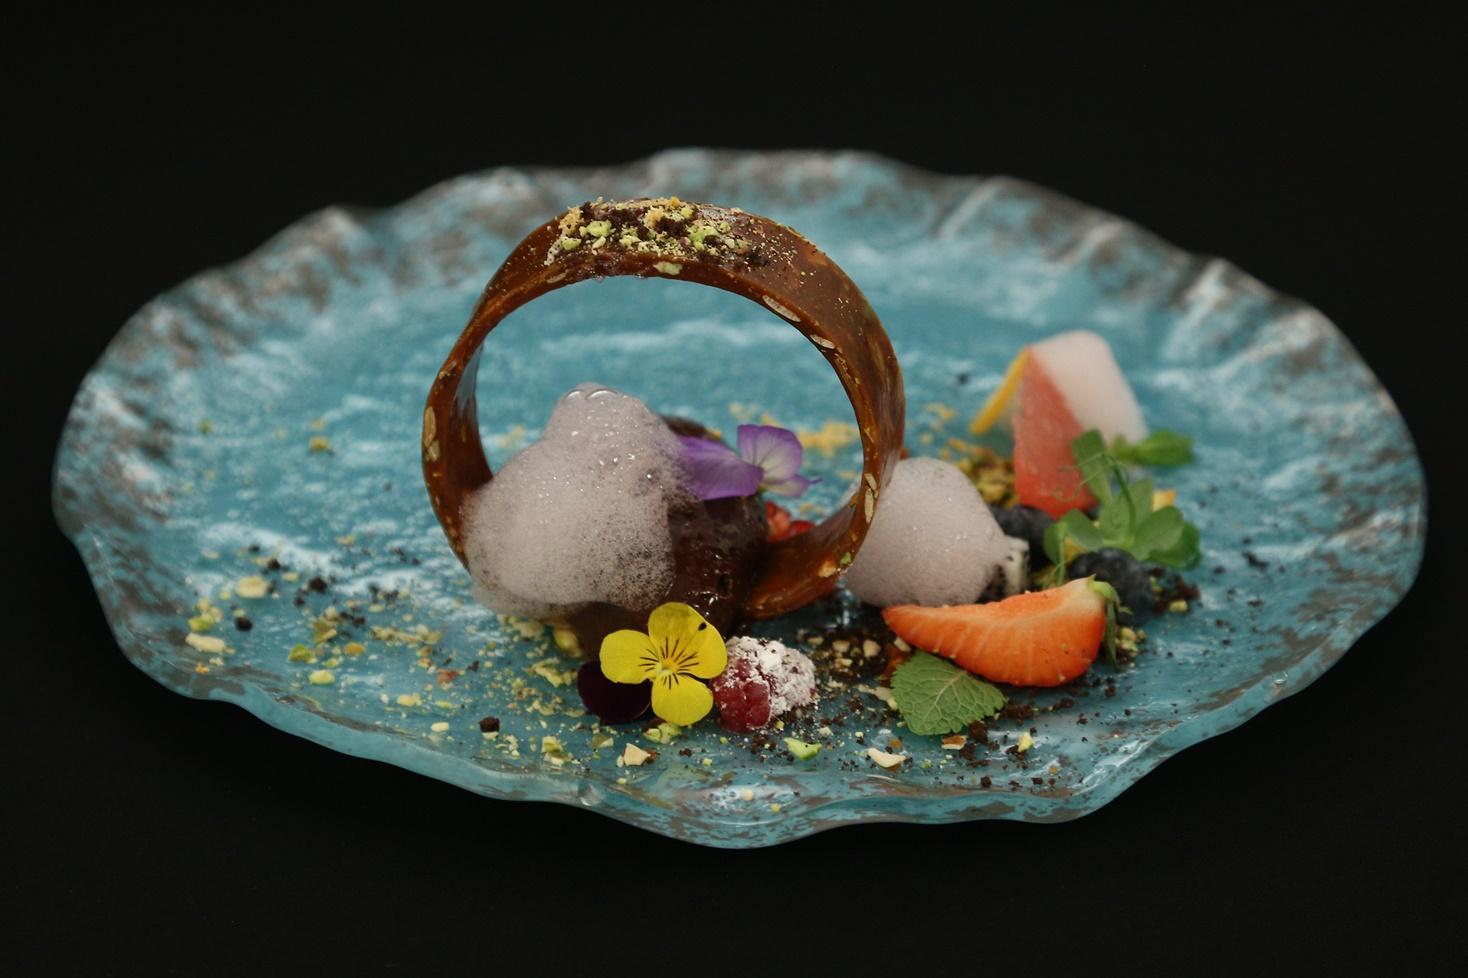 Spumă de nougat cu pământ de ciocolată, fructe, brittle de caramel cu fistic și semințe